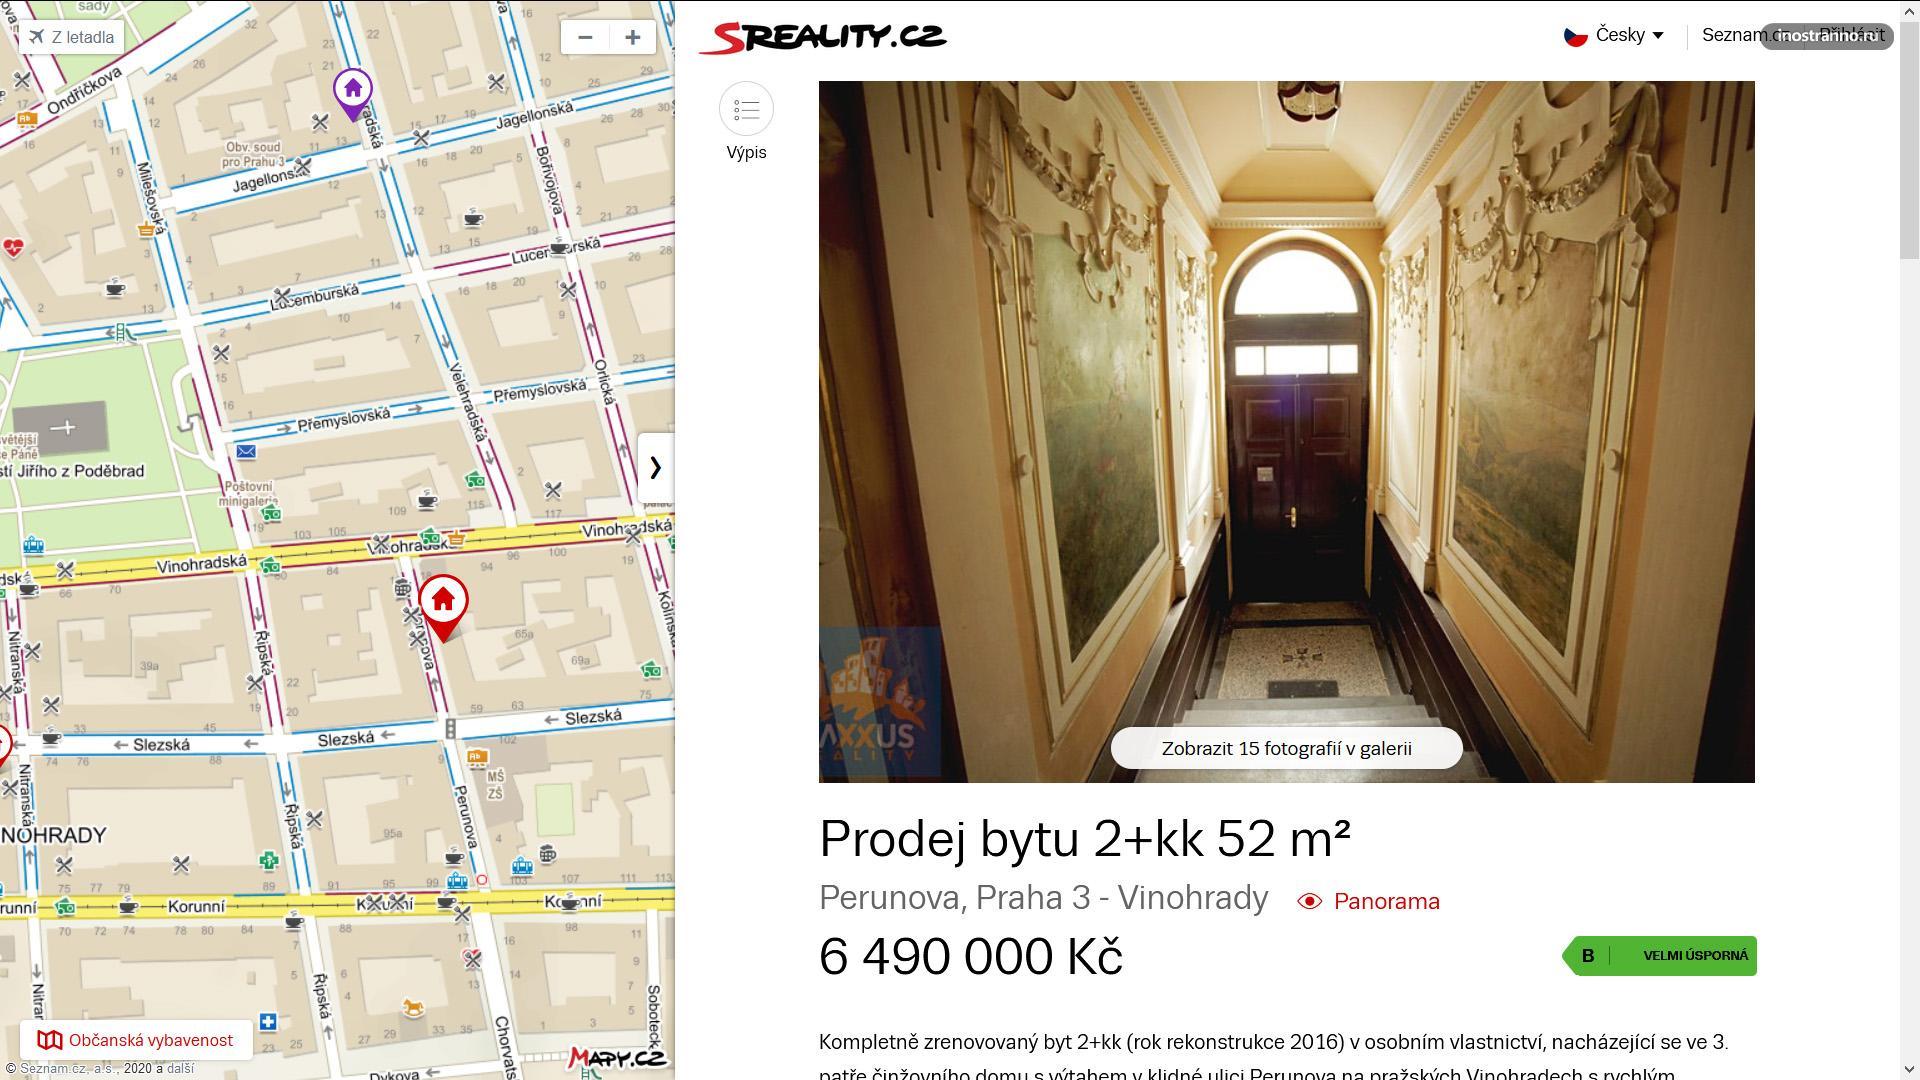 Двухкомнатная квартира в районе Вингорады в Праге